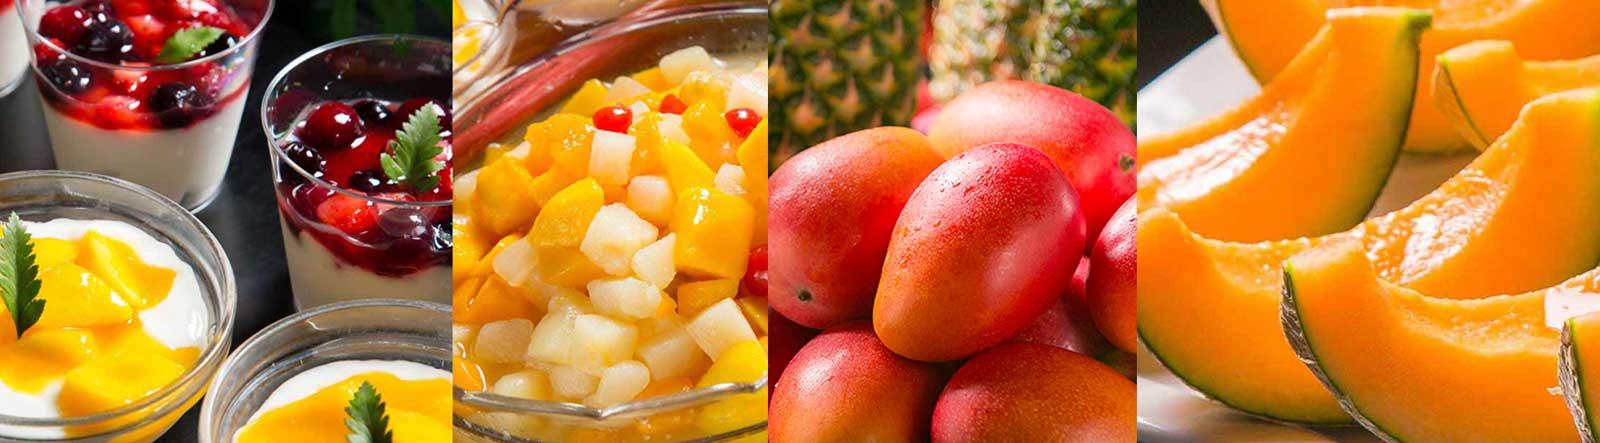 メロン食べ放題(6月〜12月限定)・アップルマンゴー食べ放題/マンゴーヨーグルト